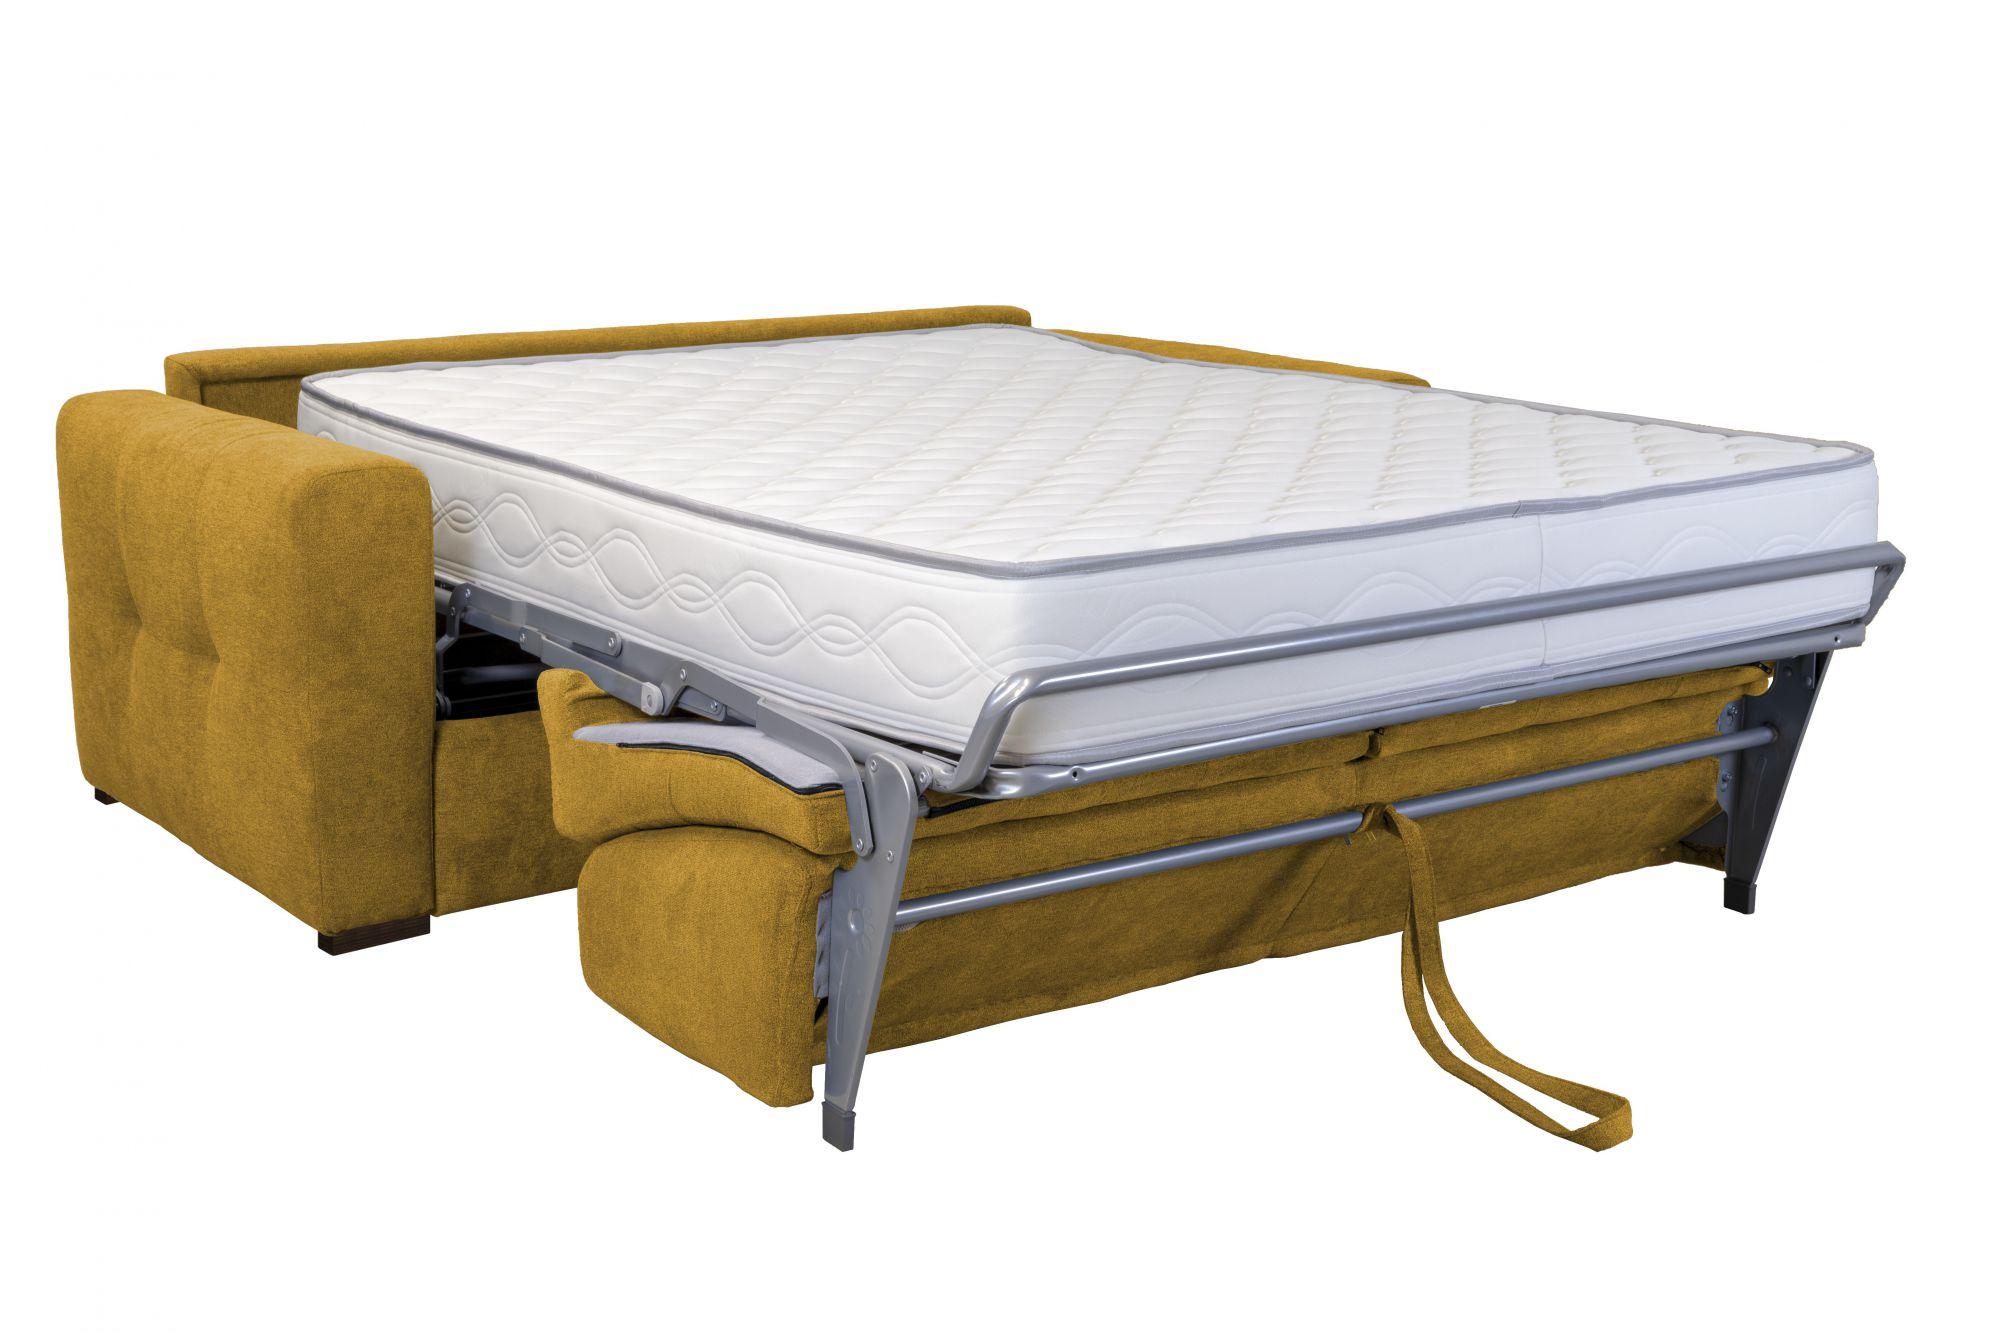 Canapé convertible PRIMO 22 usage quotidien couchage 140cm, système rapido avec matelas de 22cm, en velours TIFFANY